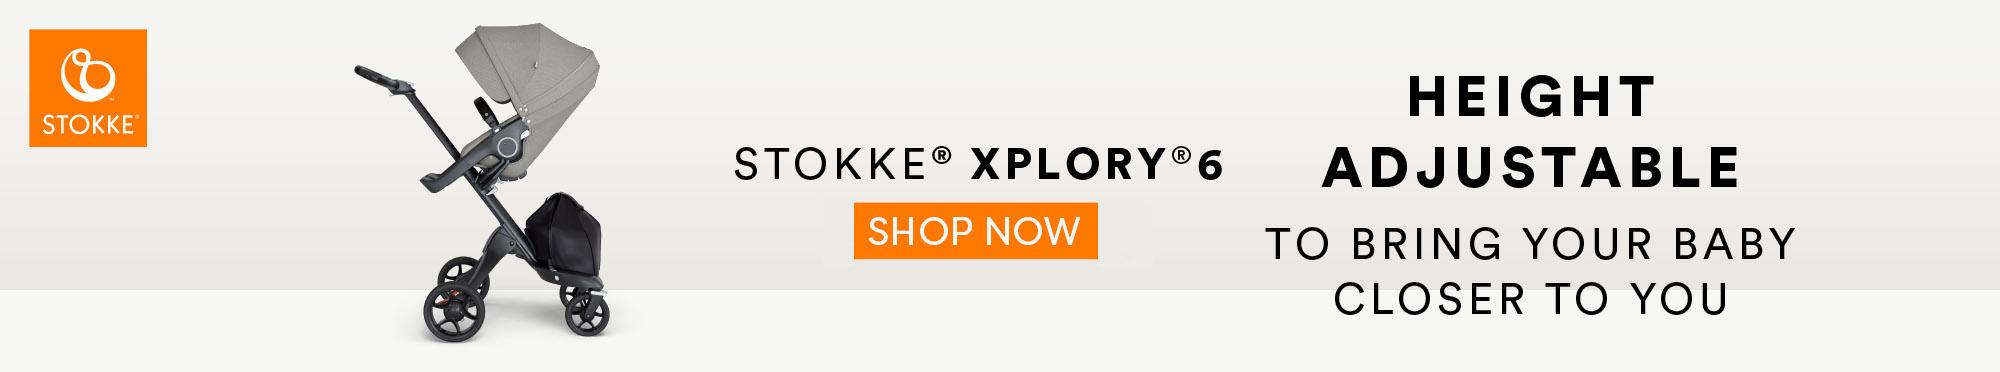 Stokke® Xplory® 6